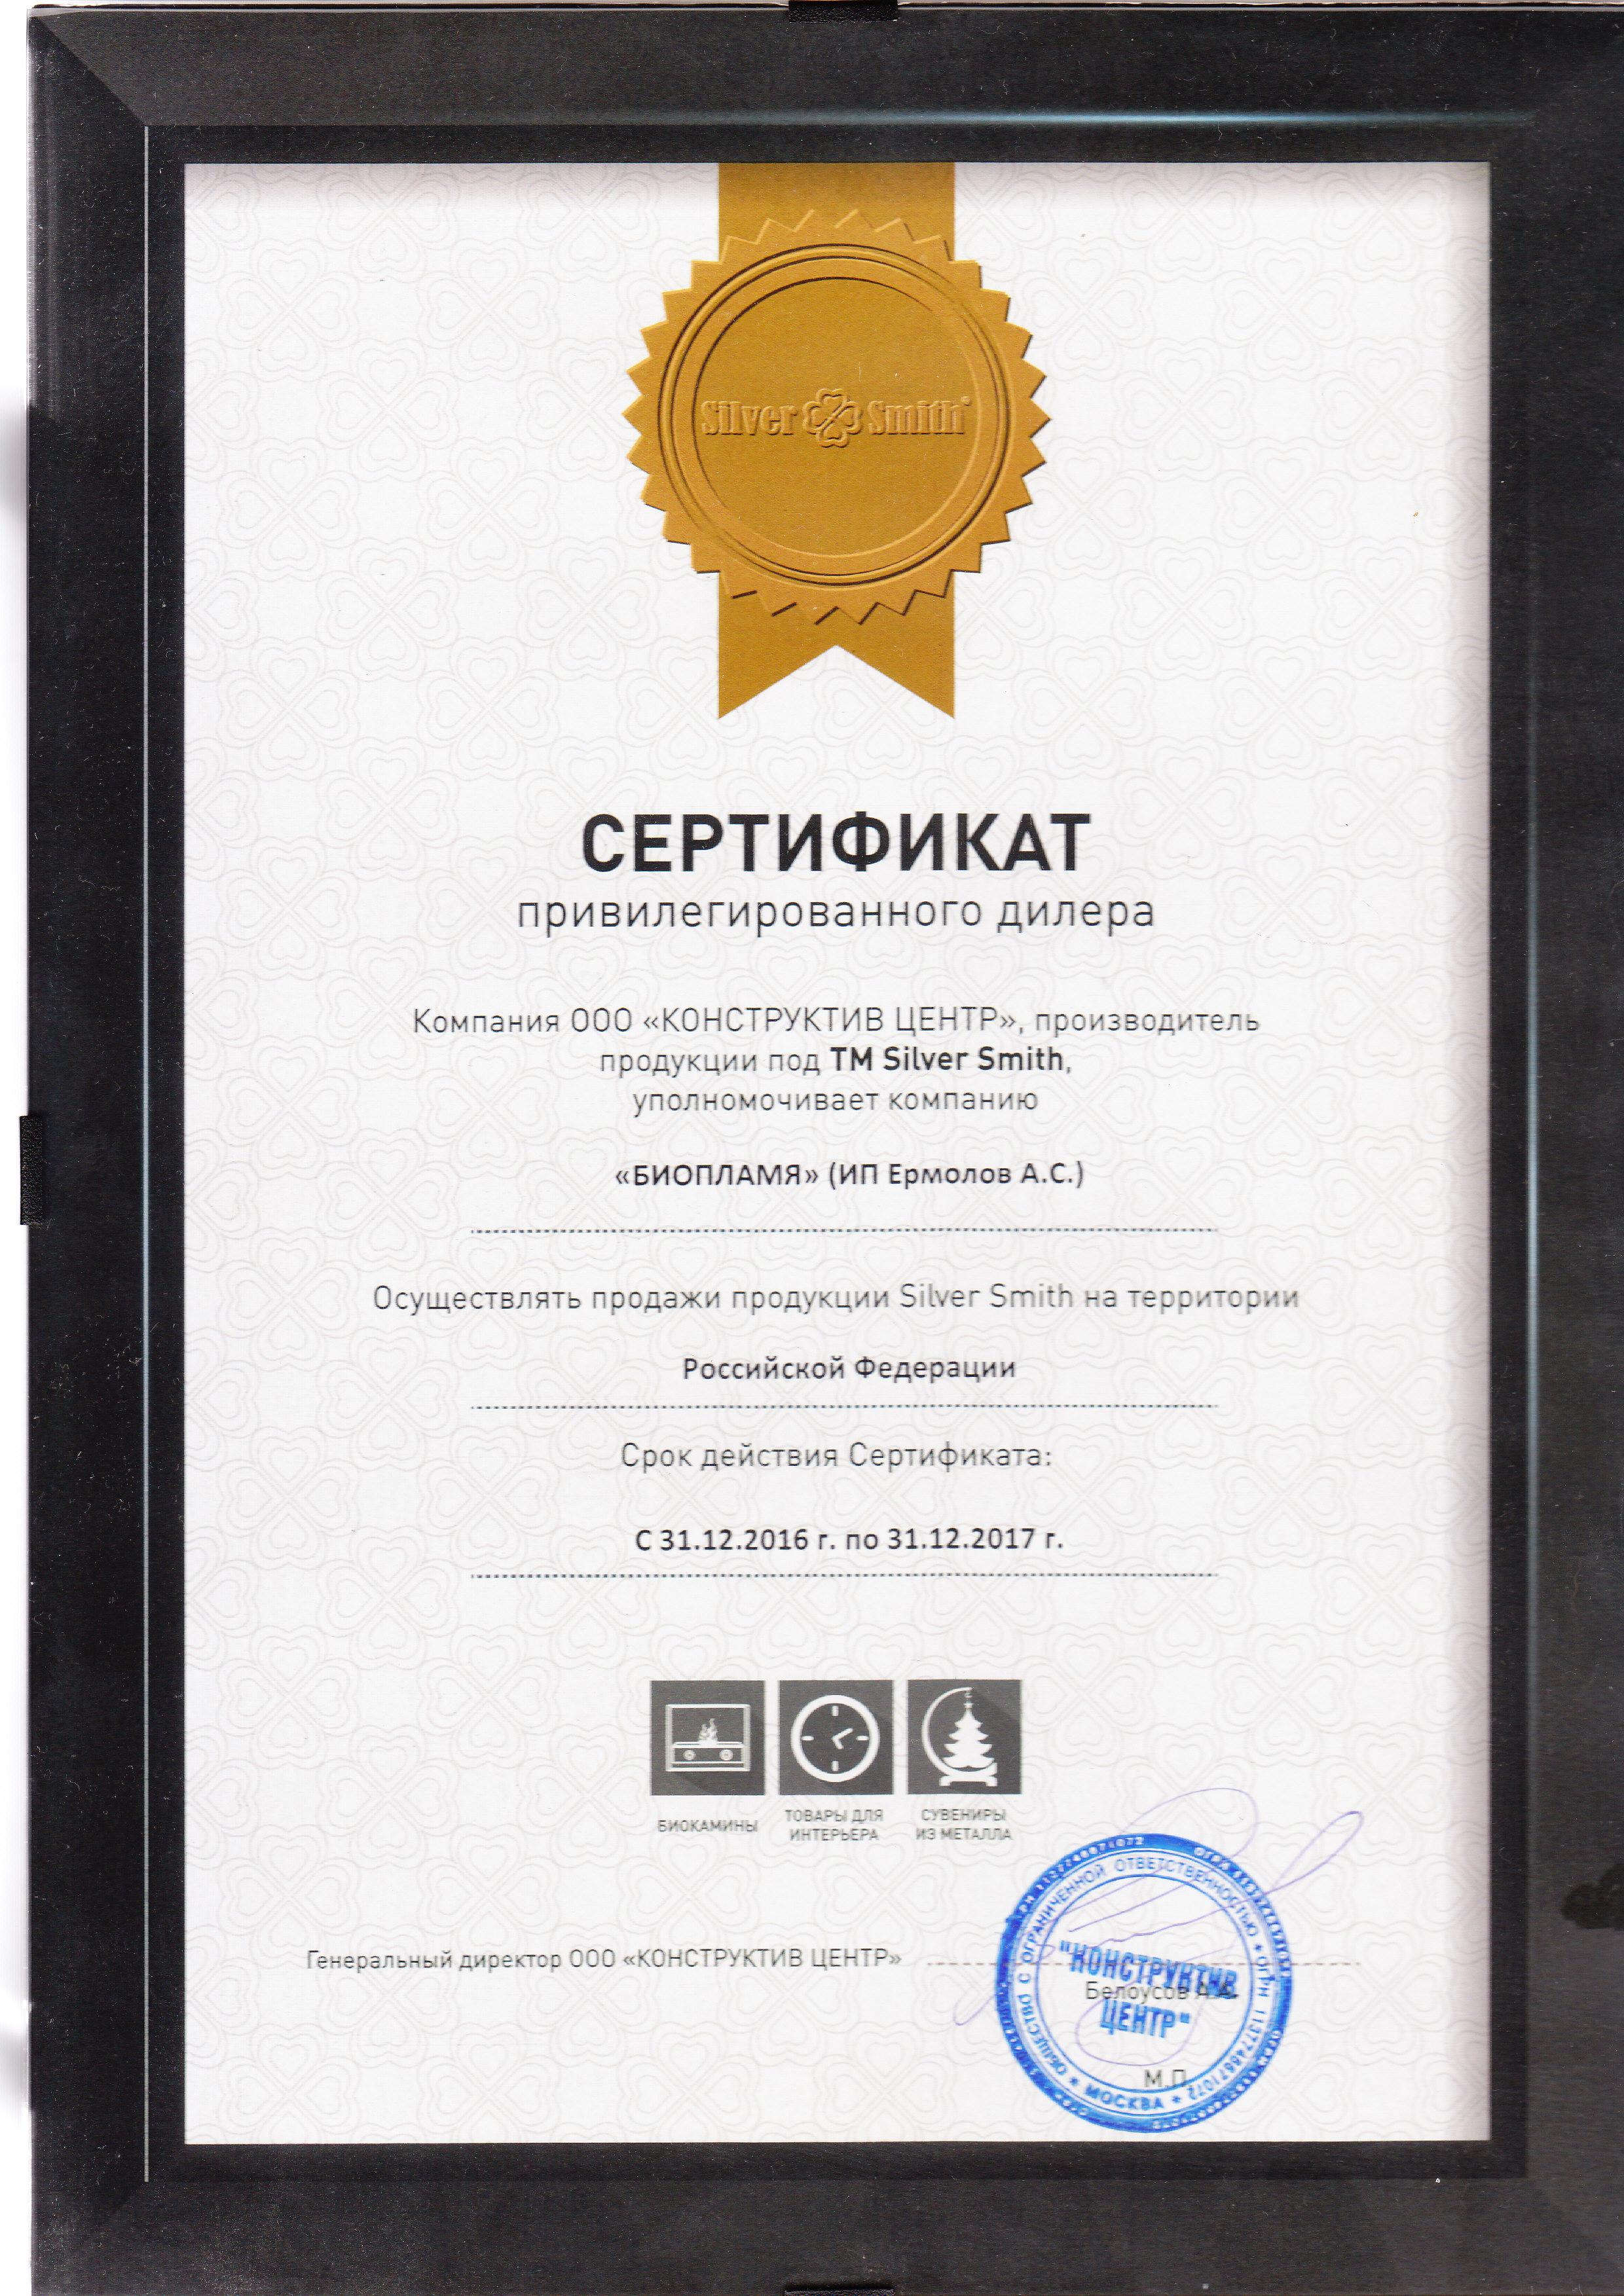 Сертификат привилегированного дилера